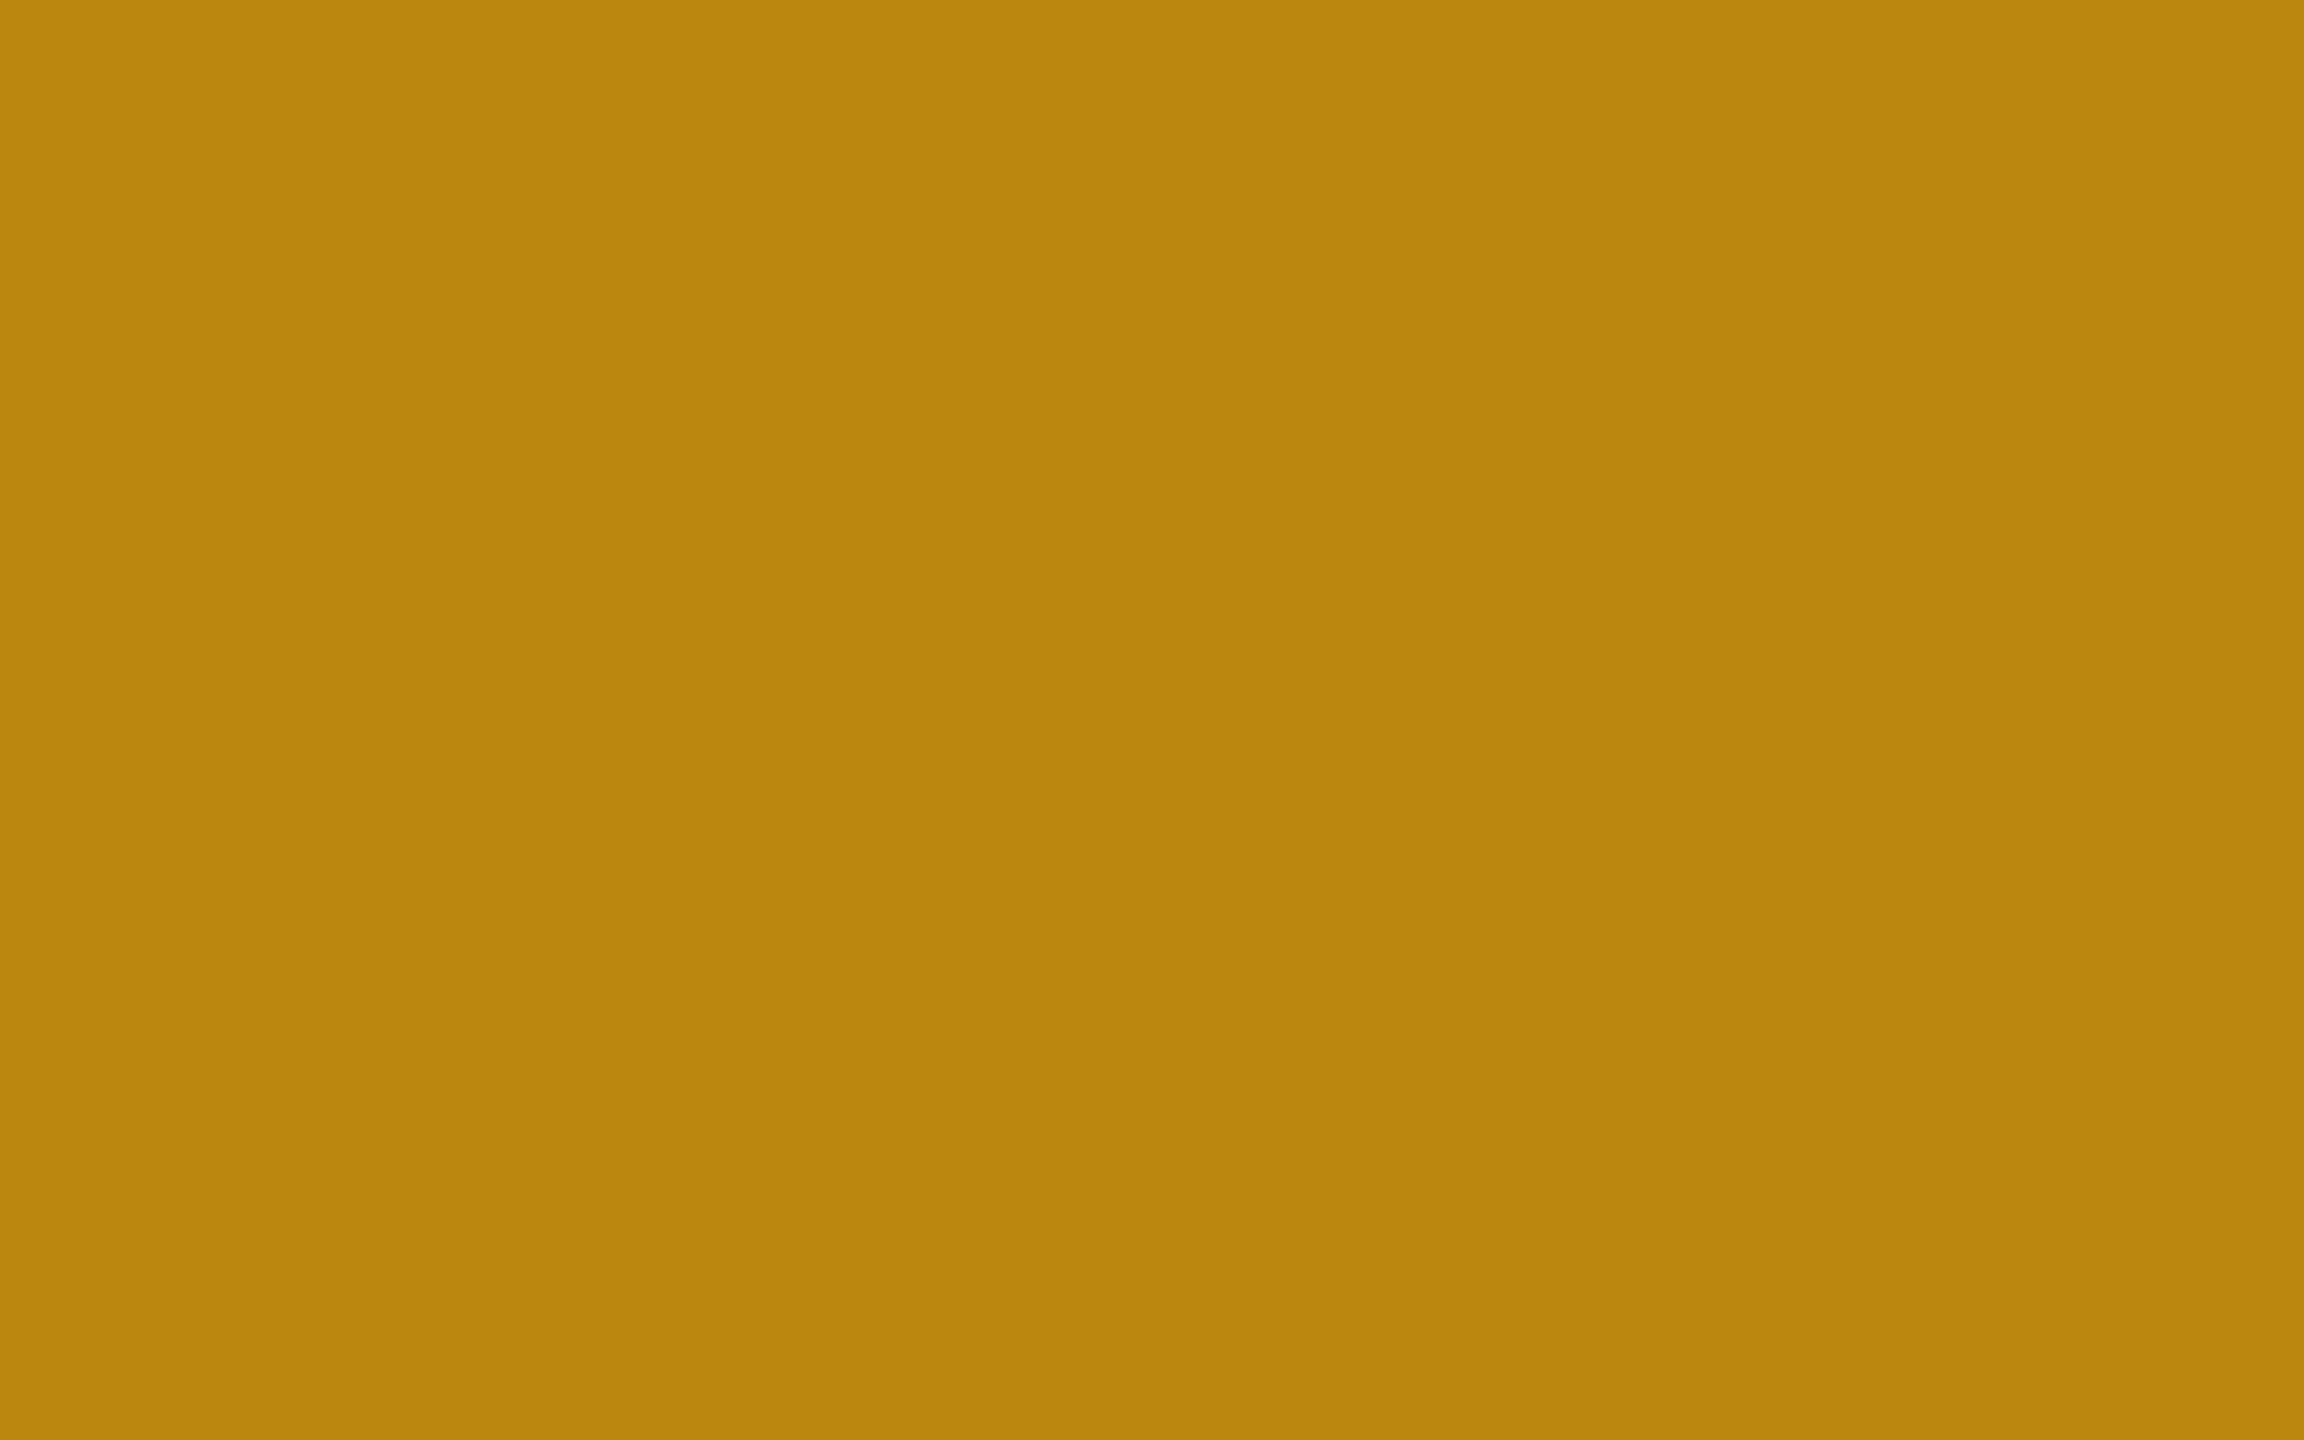 2304x1440 Dark Goldenrod Solid Color Background